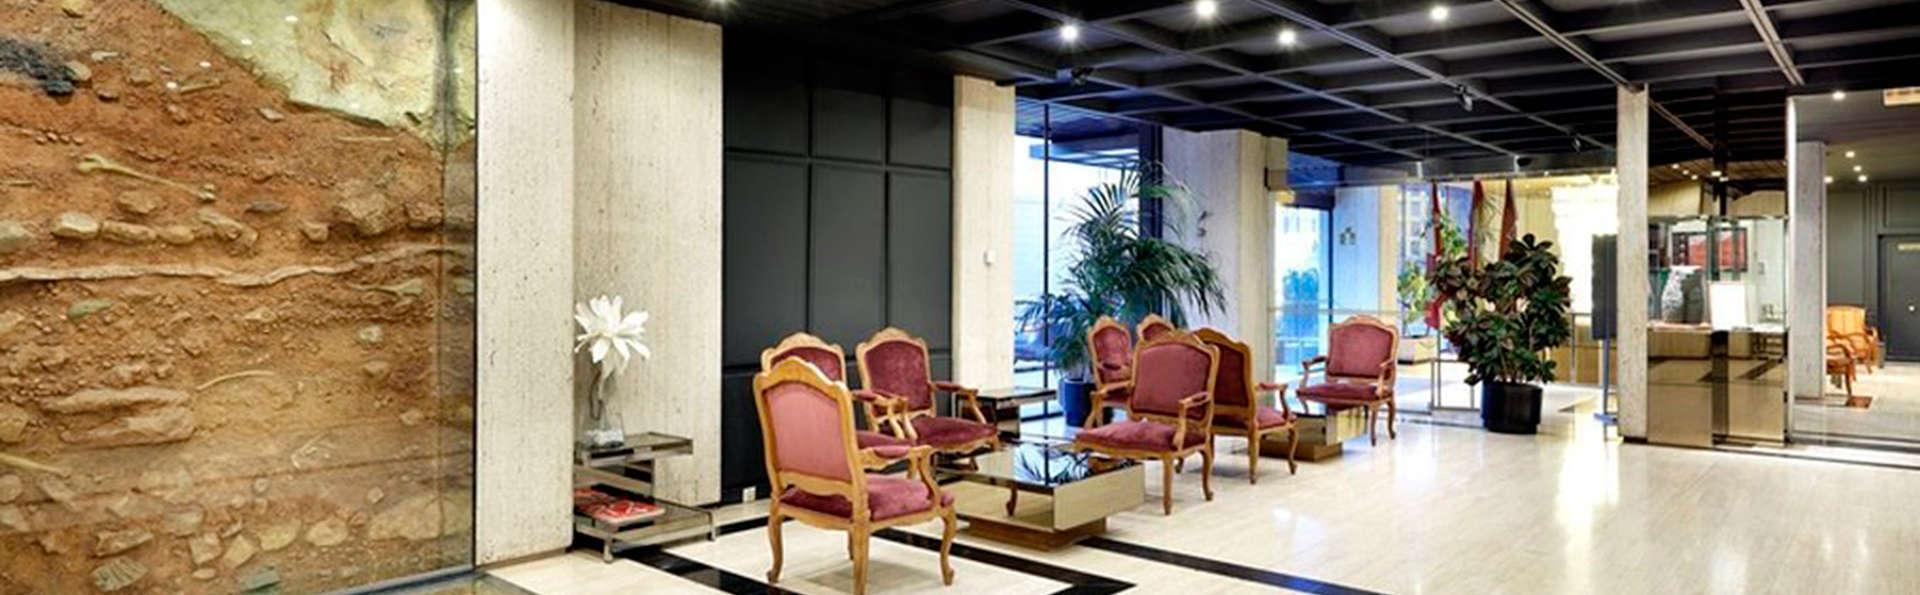 Hotel Puerta de Burgos - EDIT_lobby1.jpg